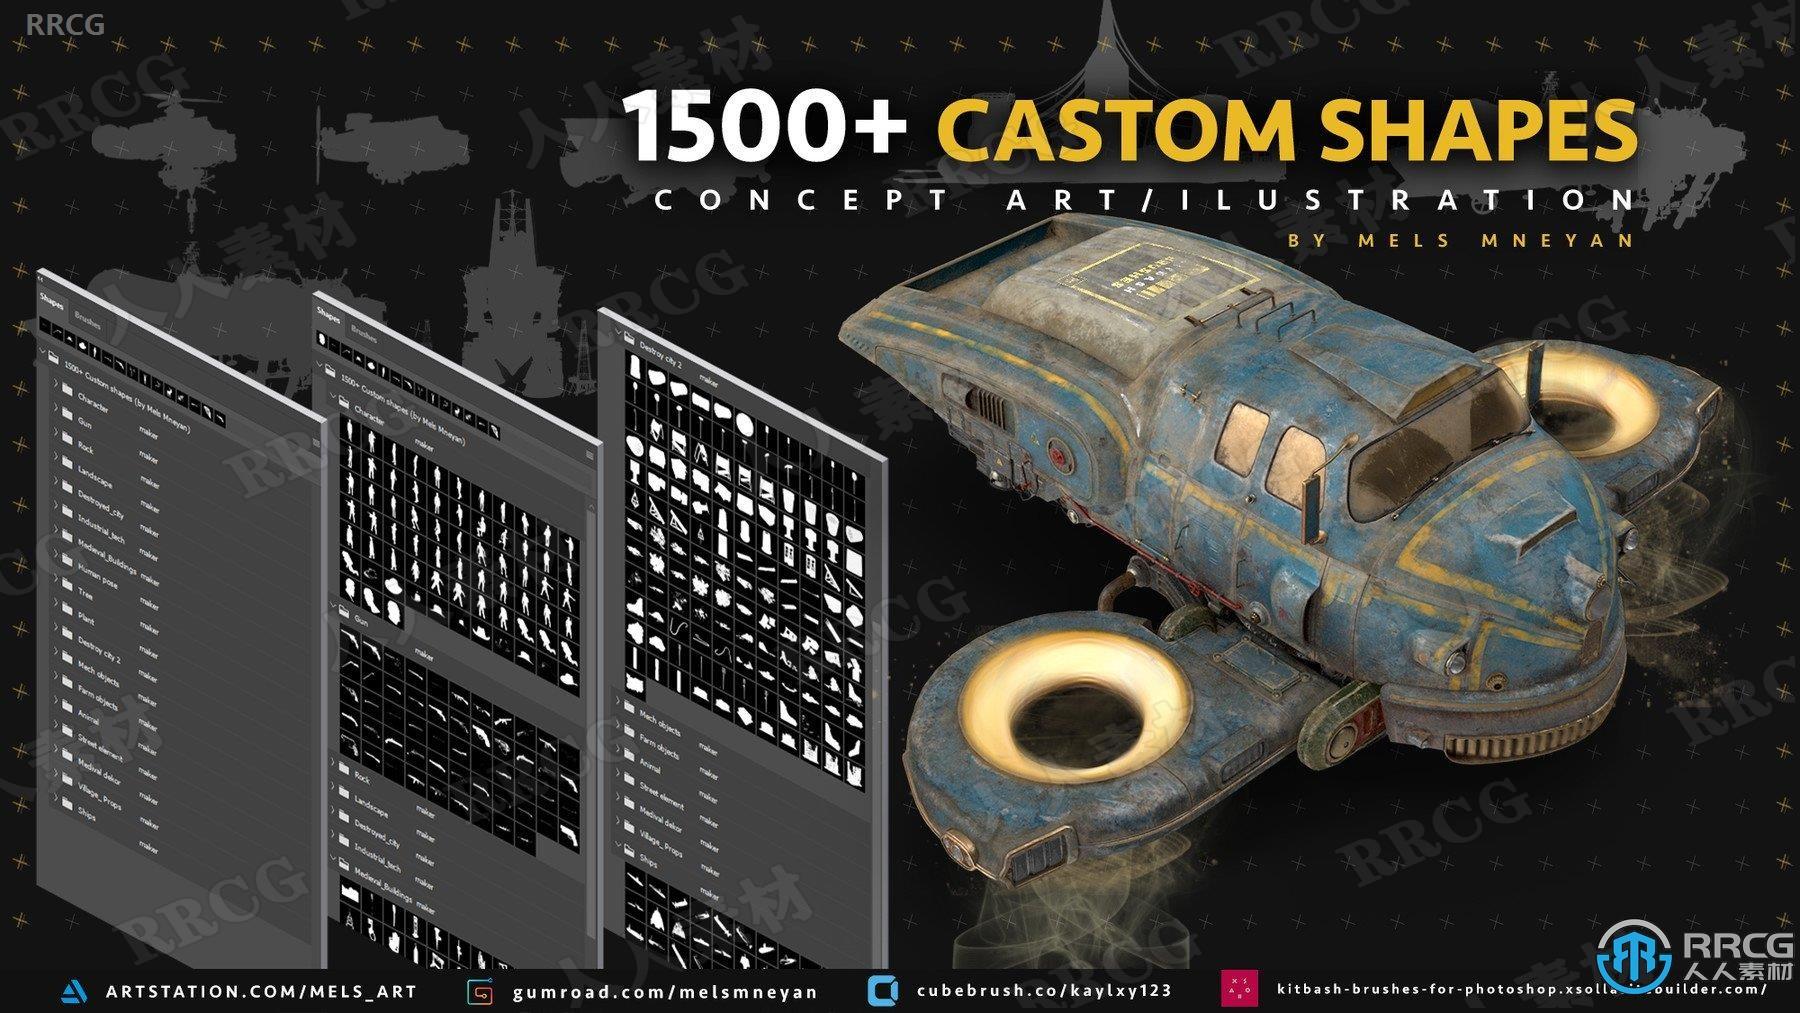 1500组交通工具Kitbash造型自定义PS图案合集